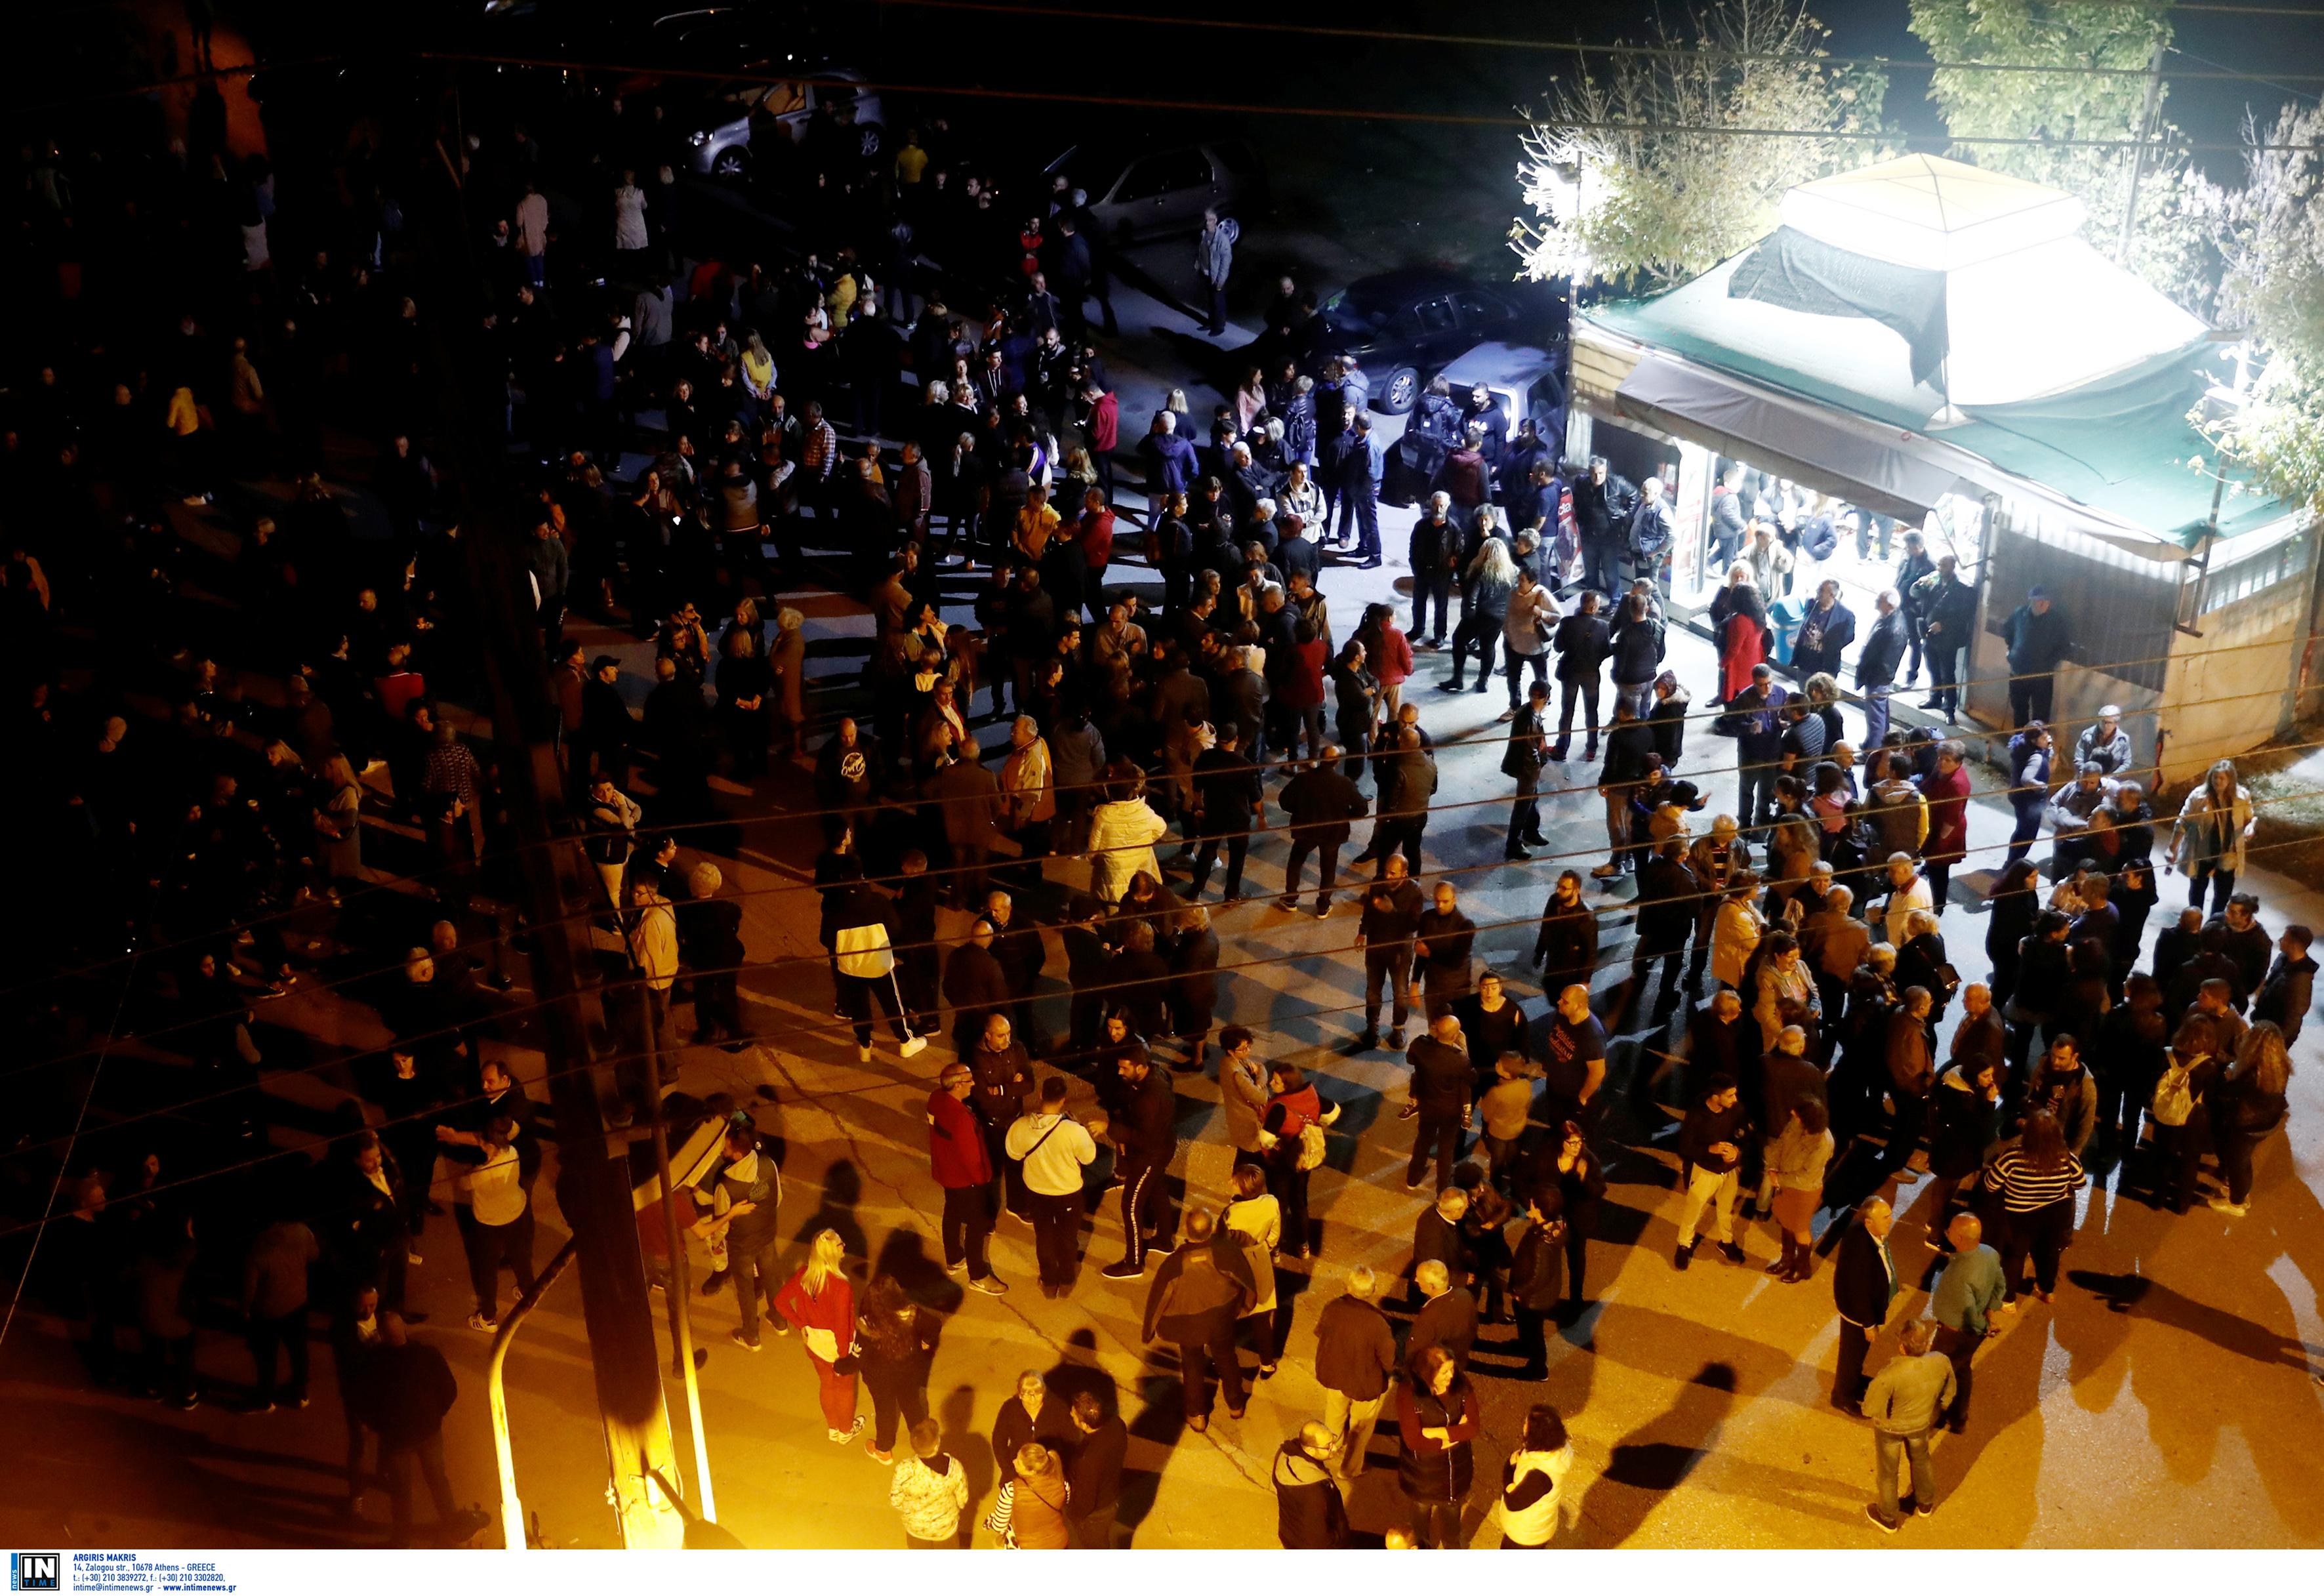 Διαμαρτυρία κατοίκων στα Διαβατά για την άφιξη προσφύγων και μεταναστών - Πορεία προς το καμπ